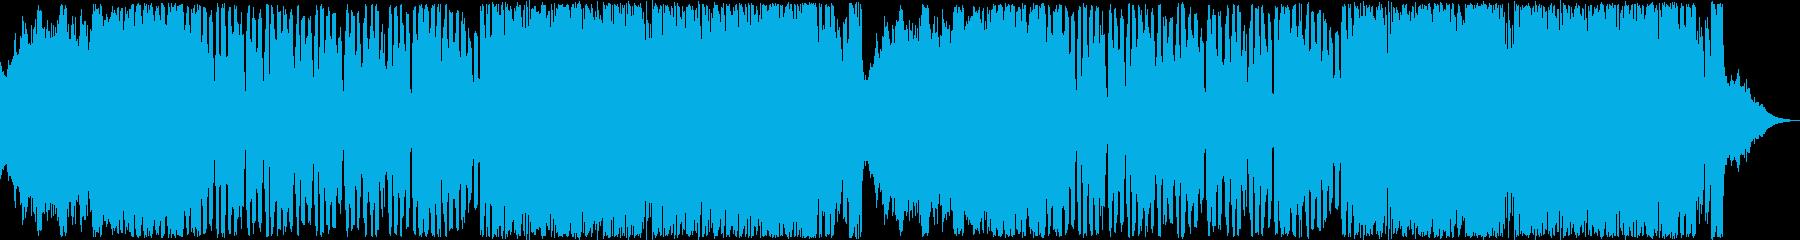 レトロゲーム風BGM(エンド、クリア)の再生済みの波形